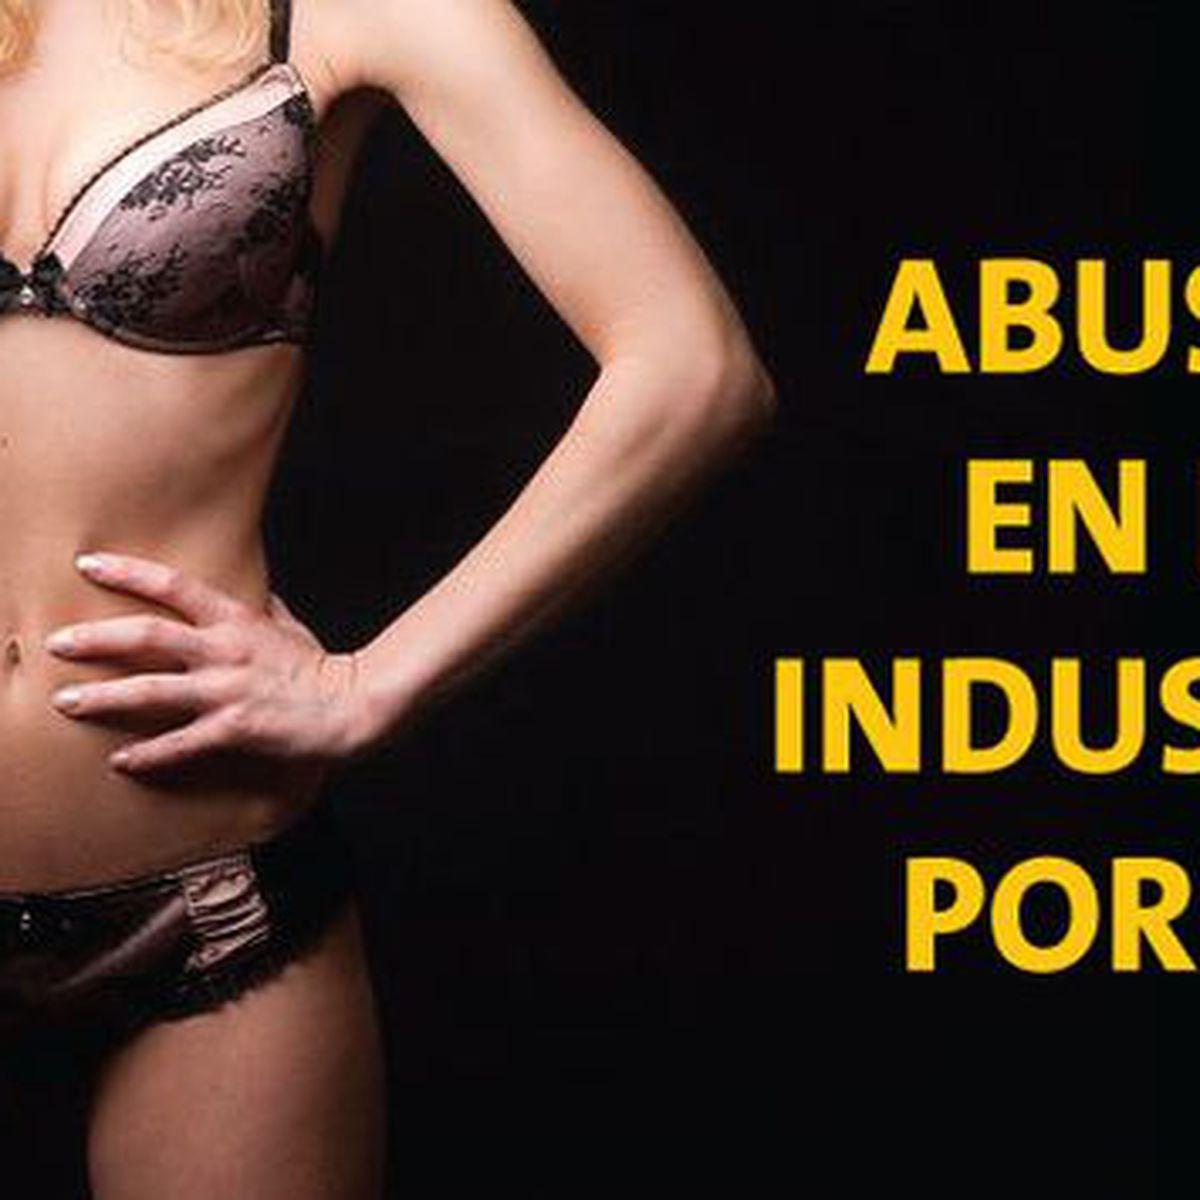 Mujeres Y Hombres Actrices Porno redes sociales: actrices porno sufren violaciones en rodaje